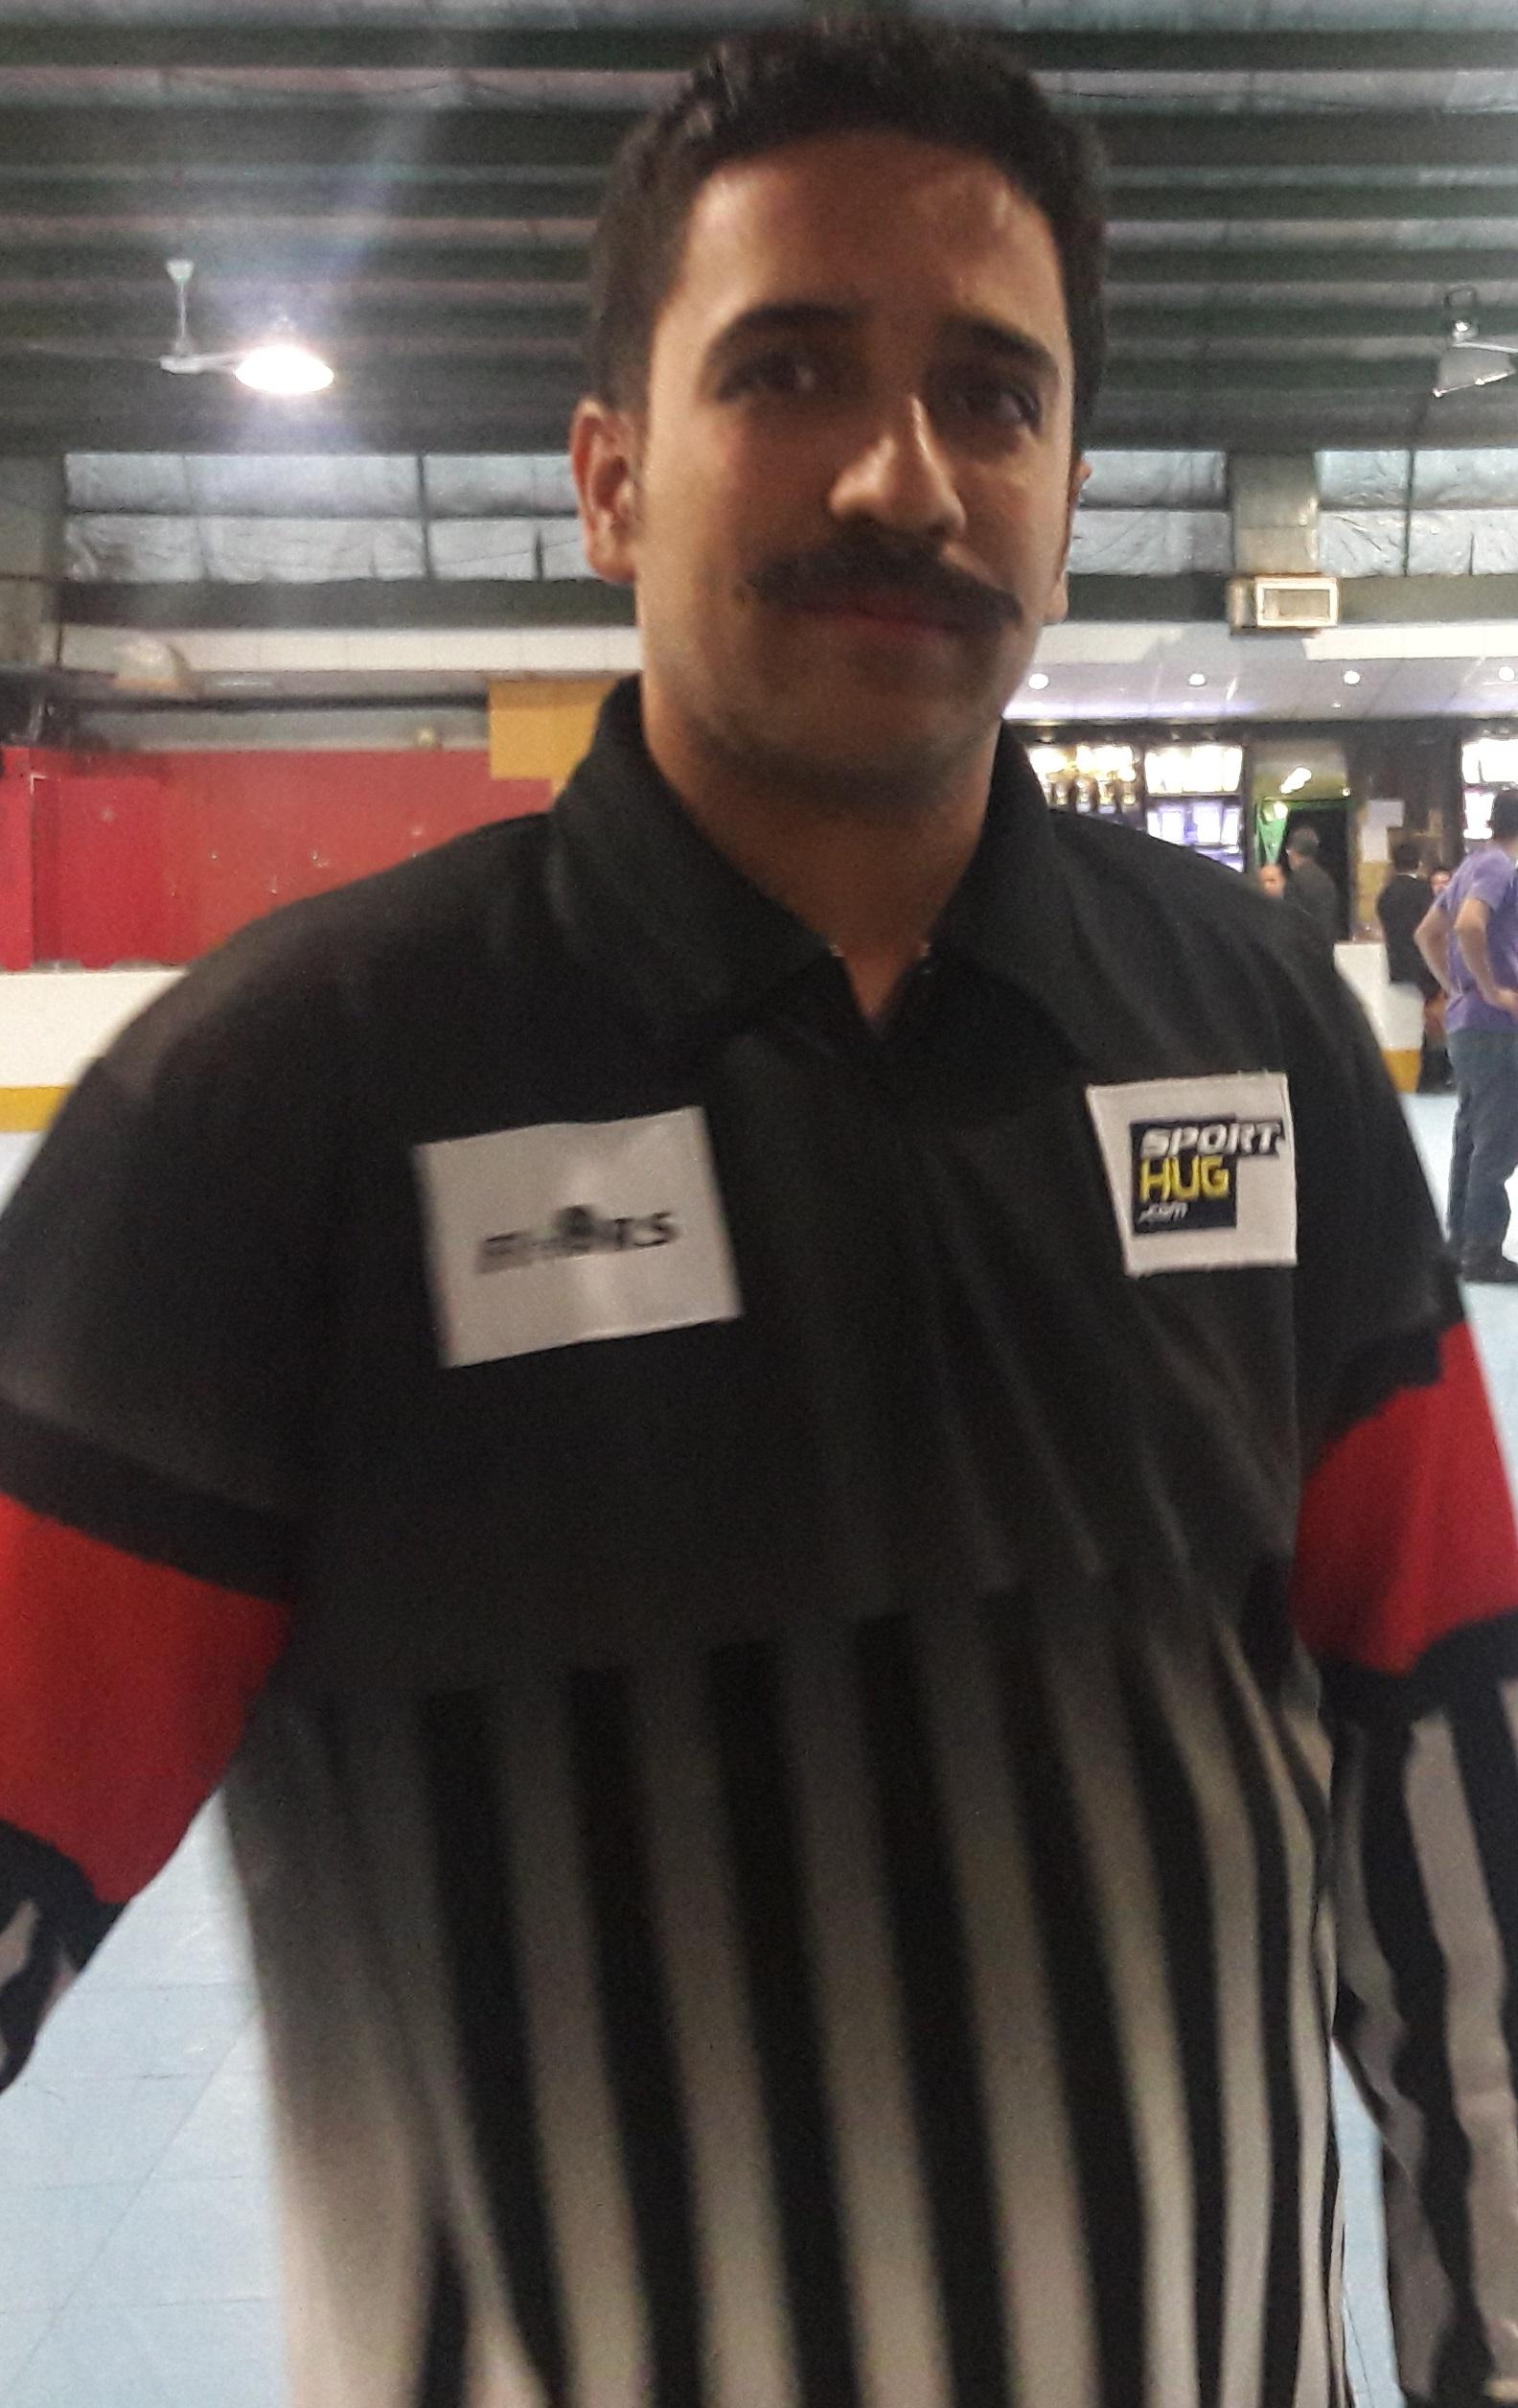 حضور داور قزوینی در مسابقات لیگ برتر اسکیت هاکی ایران